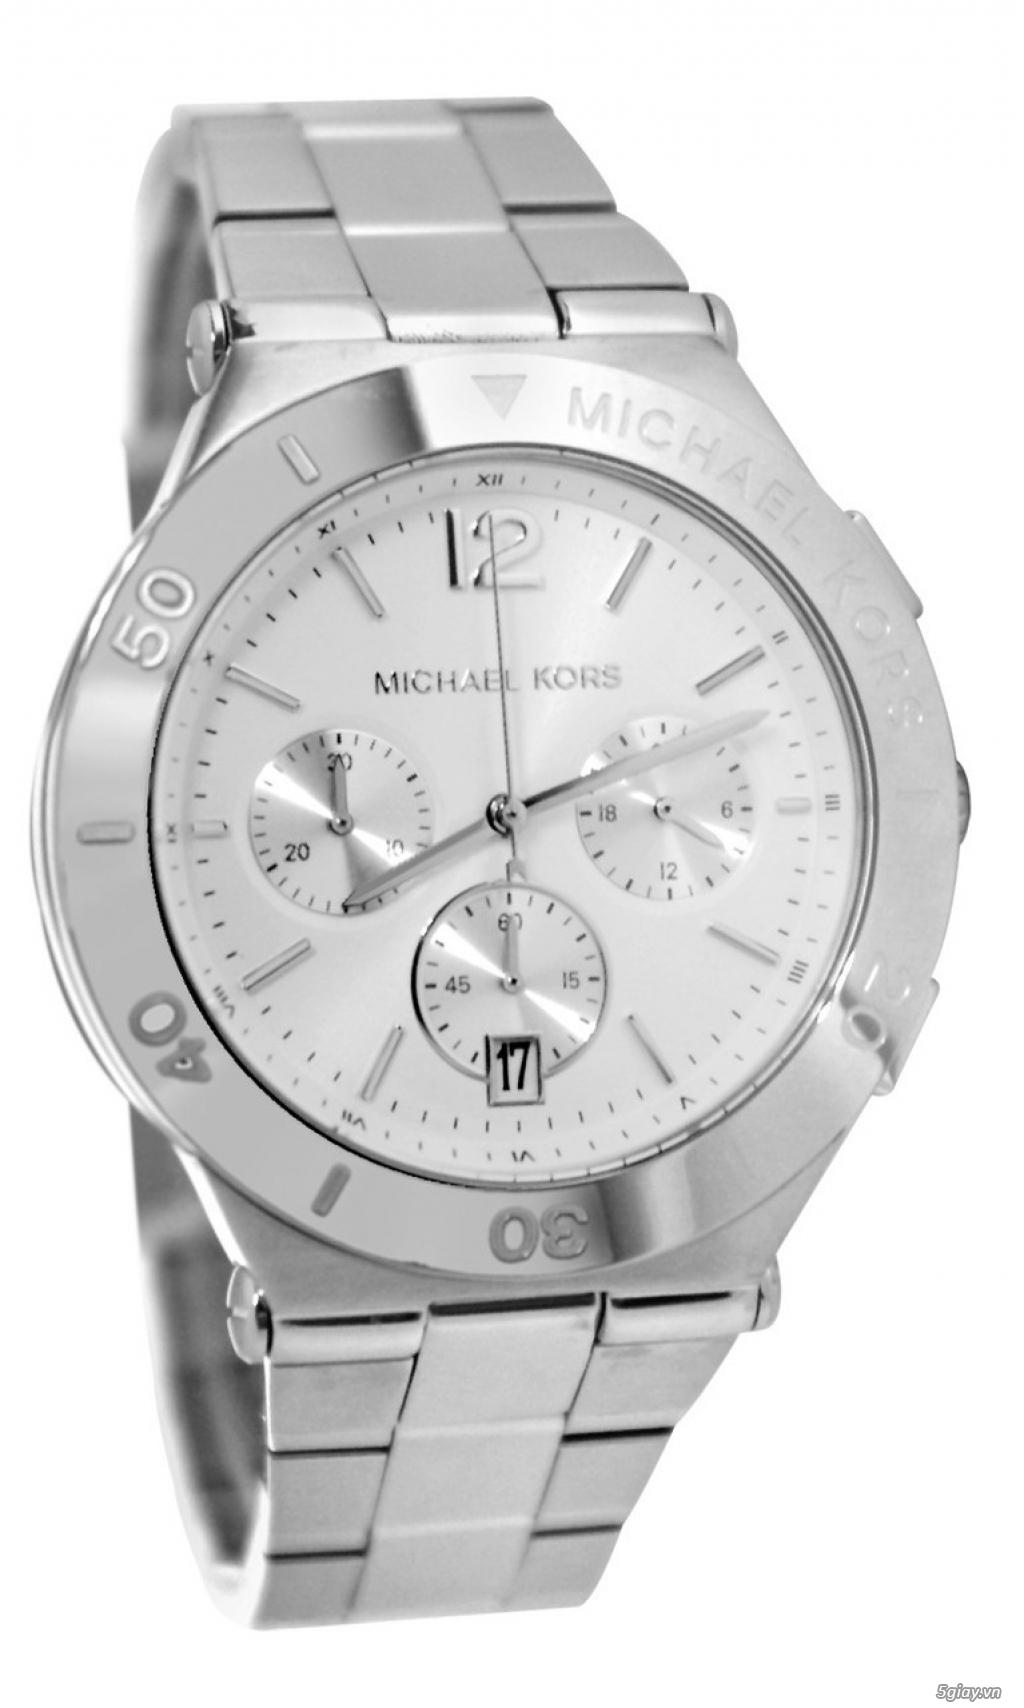 HCM-Chuyên đồng hồ và mắt kính hiệu xách tay từ Mỹ về 100% - 13